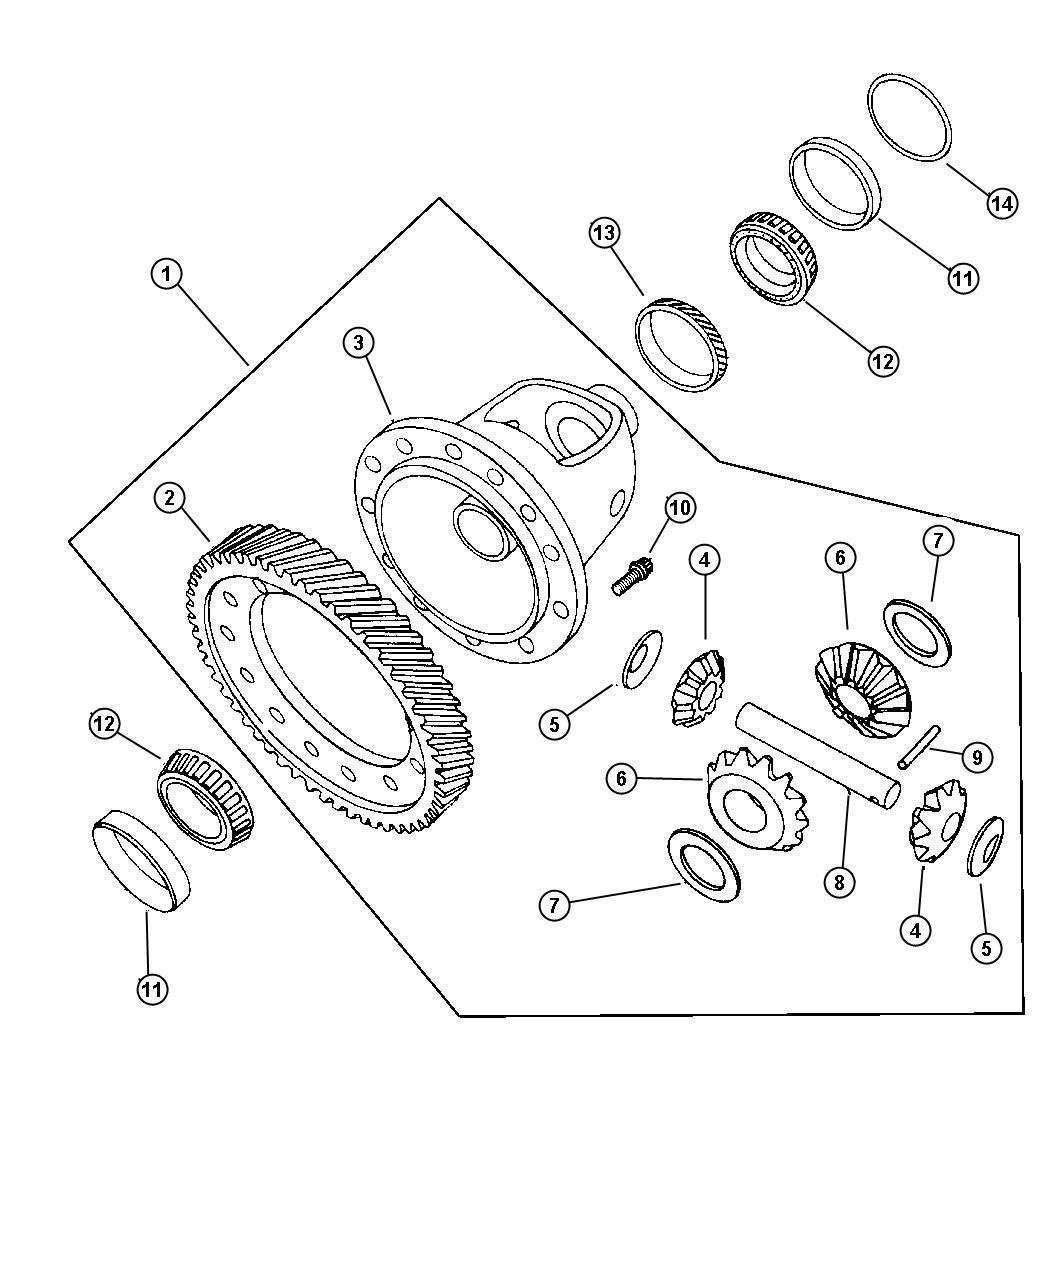 1997 avenger engine diagram